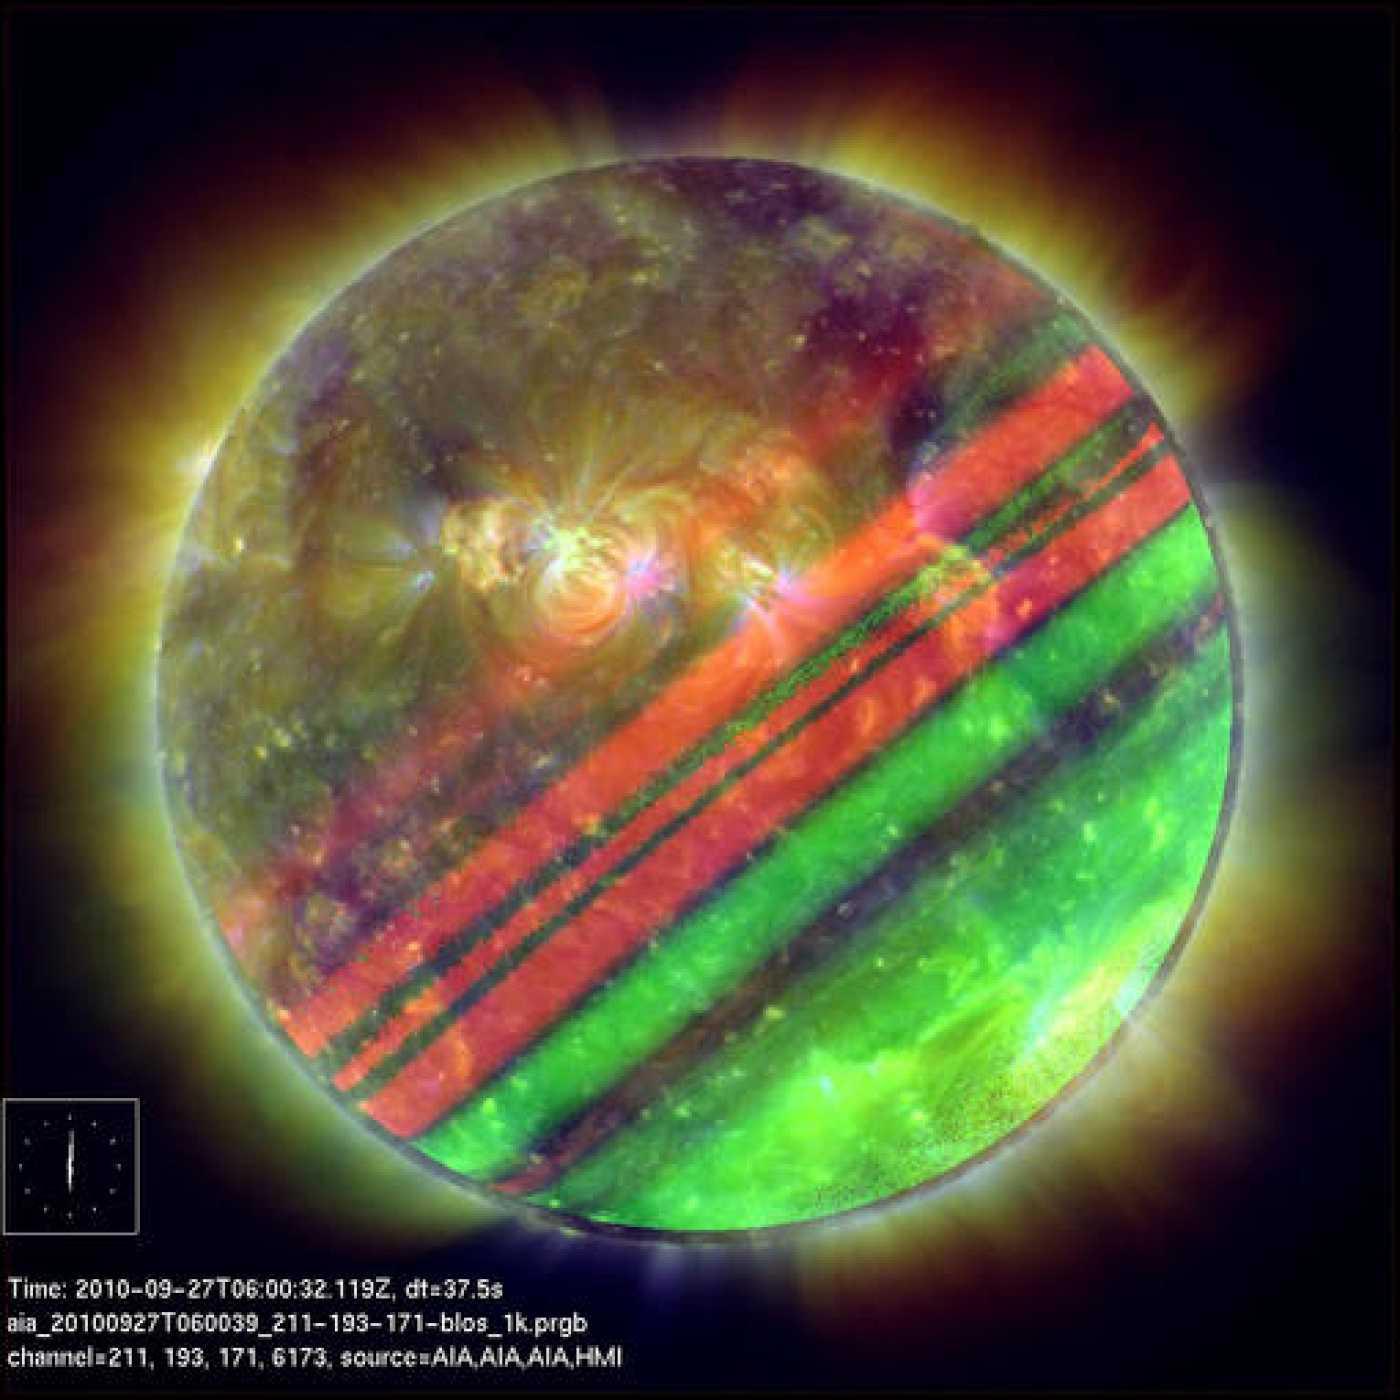 El Sol-Júpiter, una imagen captada por el Observatorio de Dinámicas Solares (SDO) durante el eclipse con la Tierra.